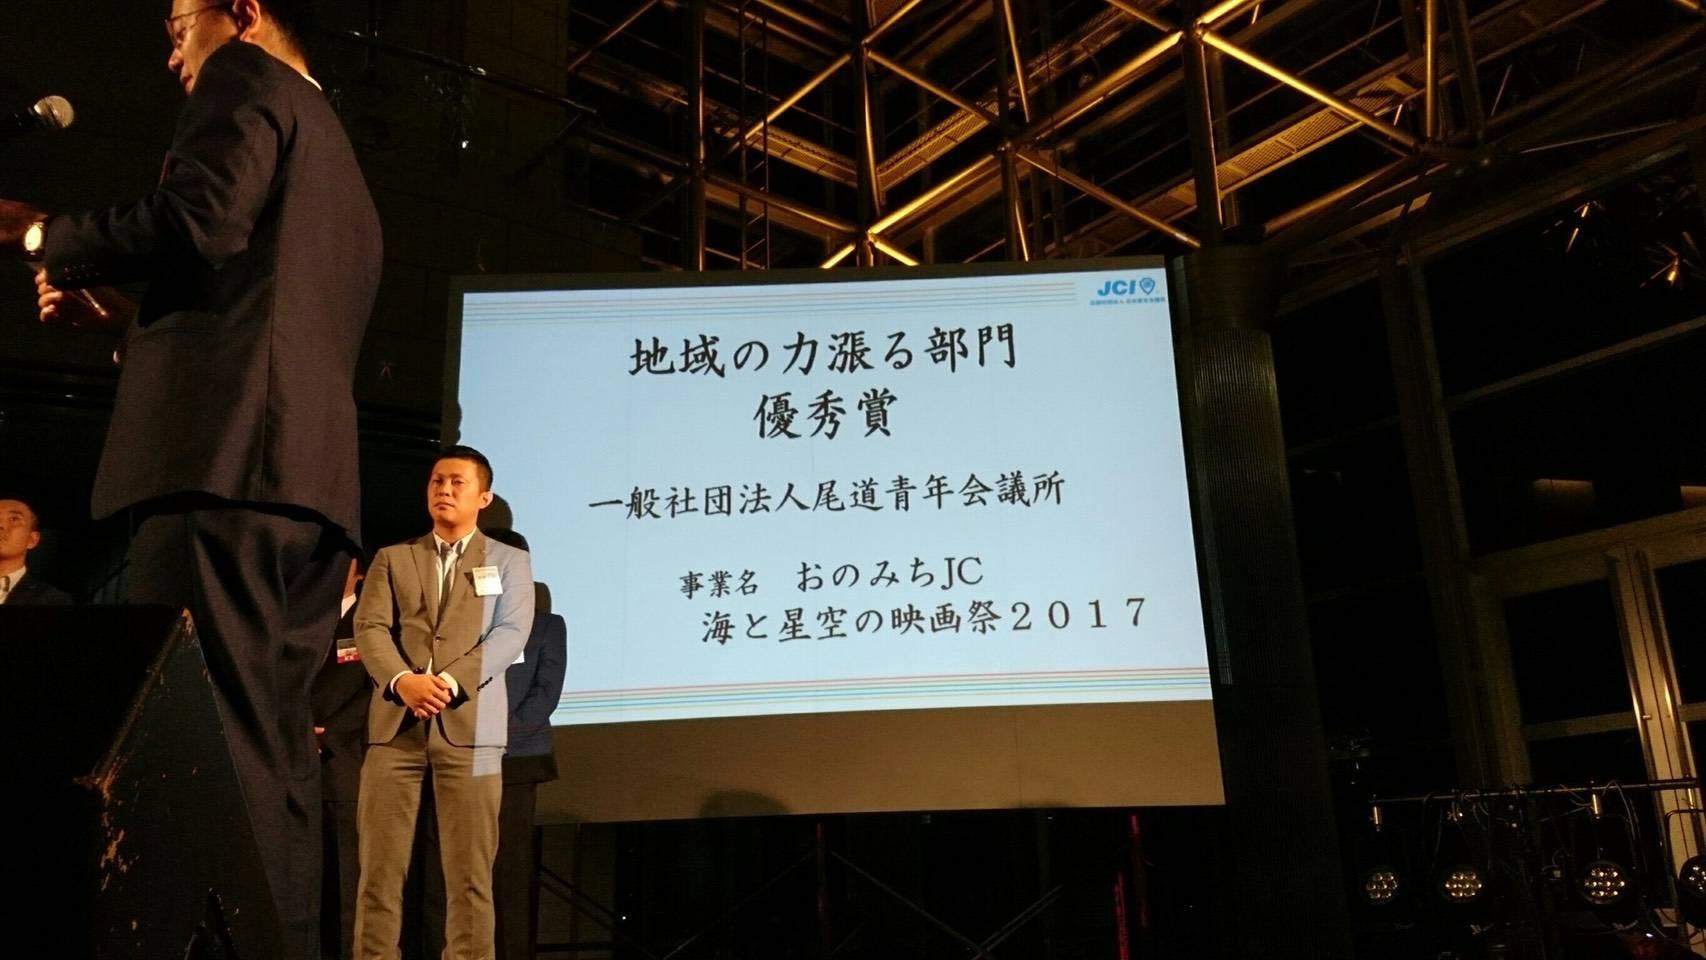 公益社団法人日本青年会議所 中国地区コンファレンス